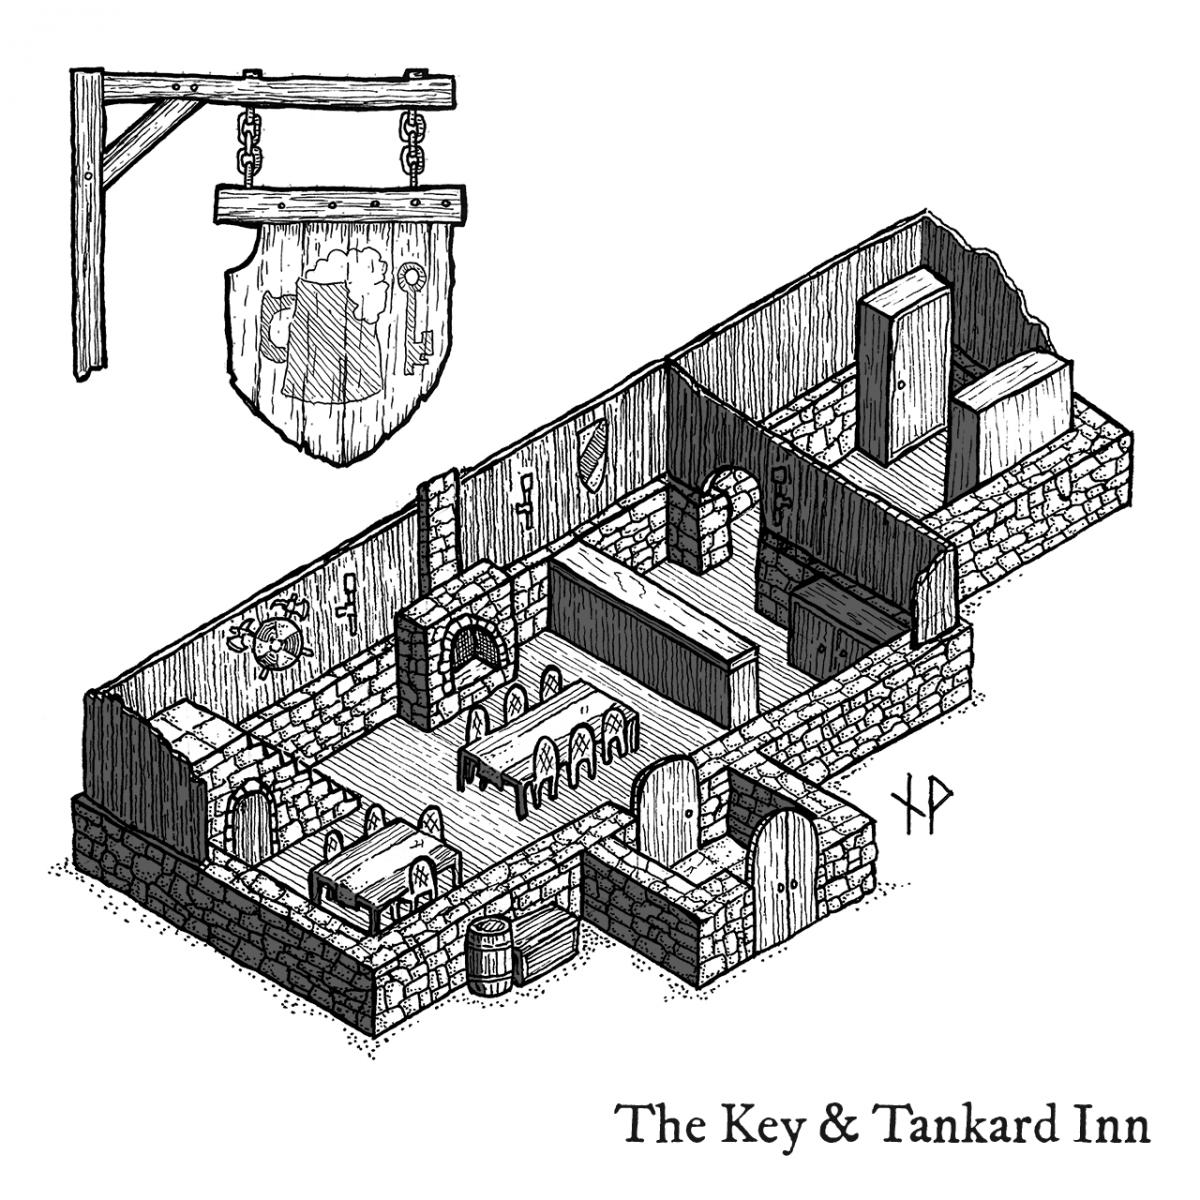 Isometric map: The Key & Tankard inn